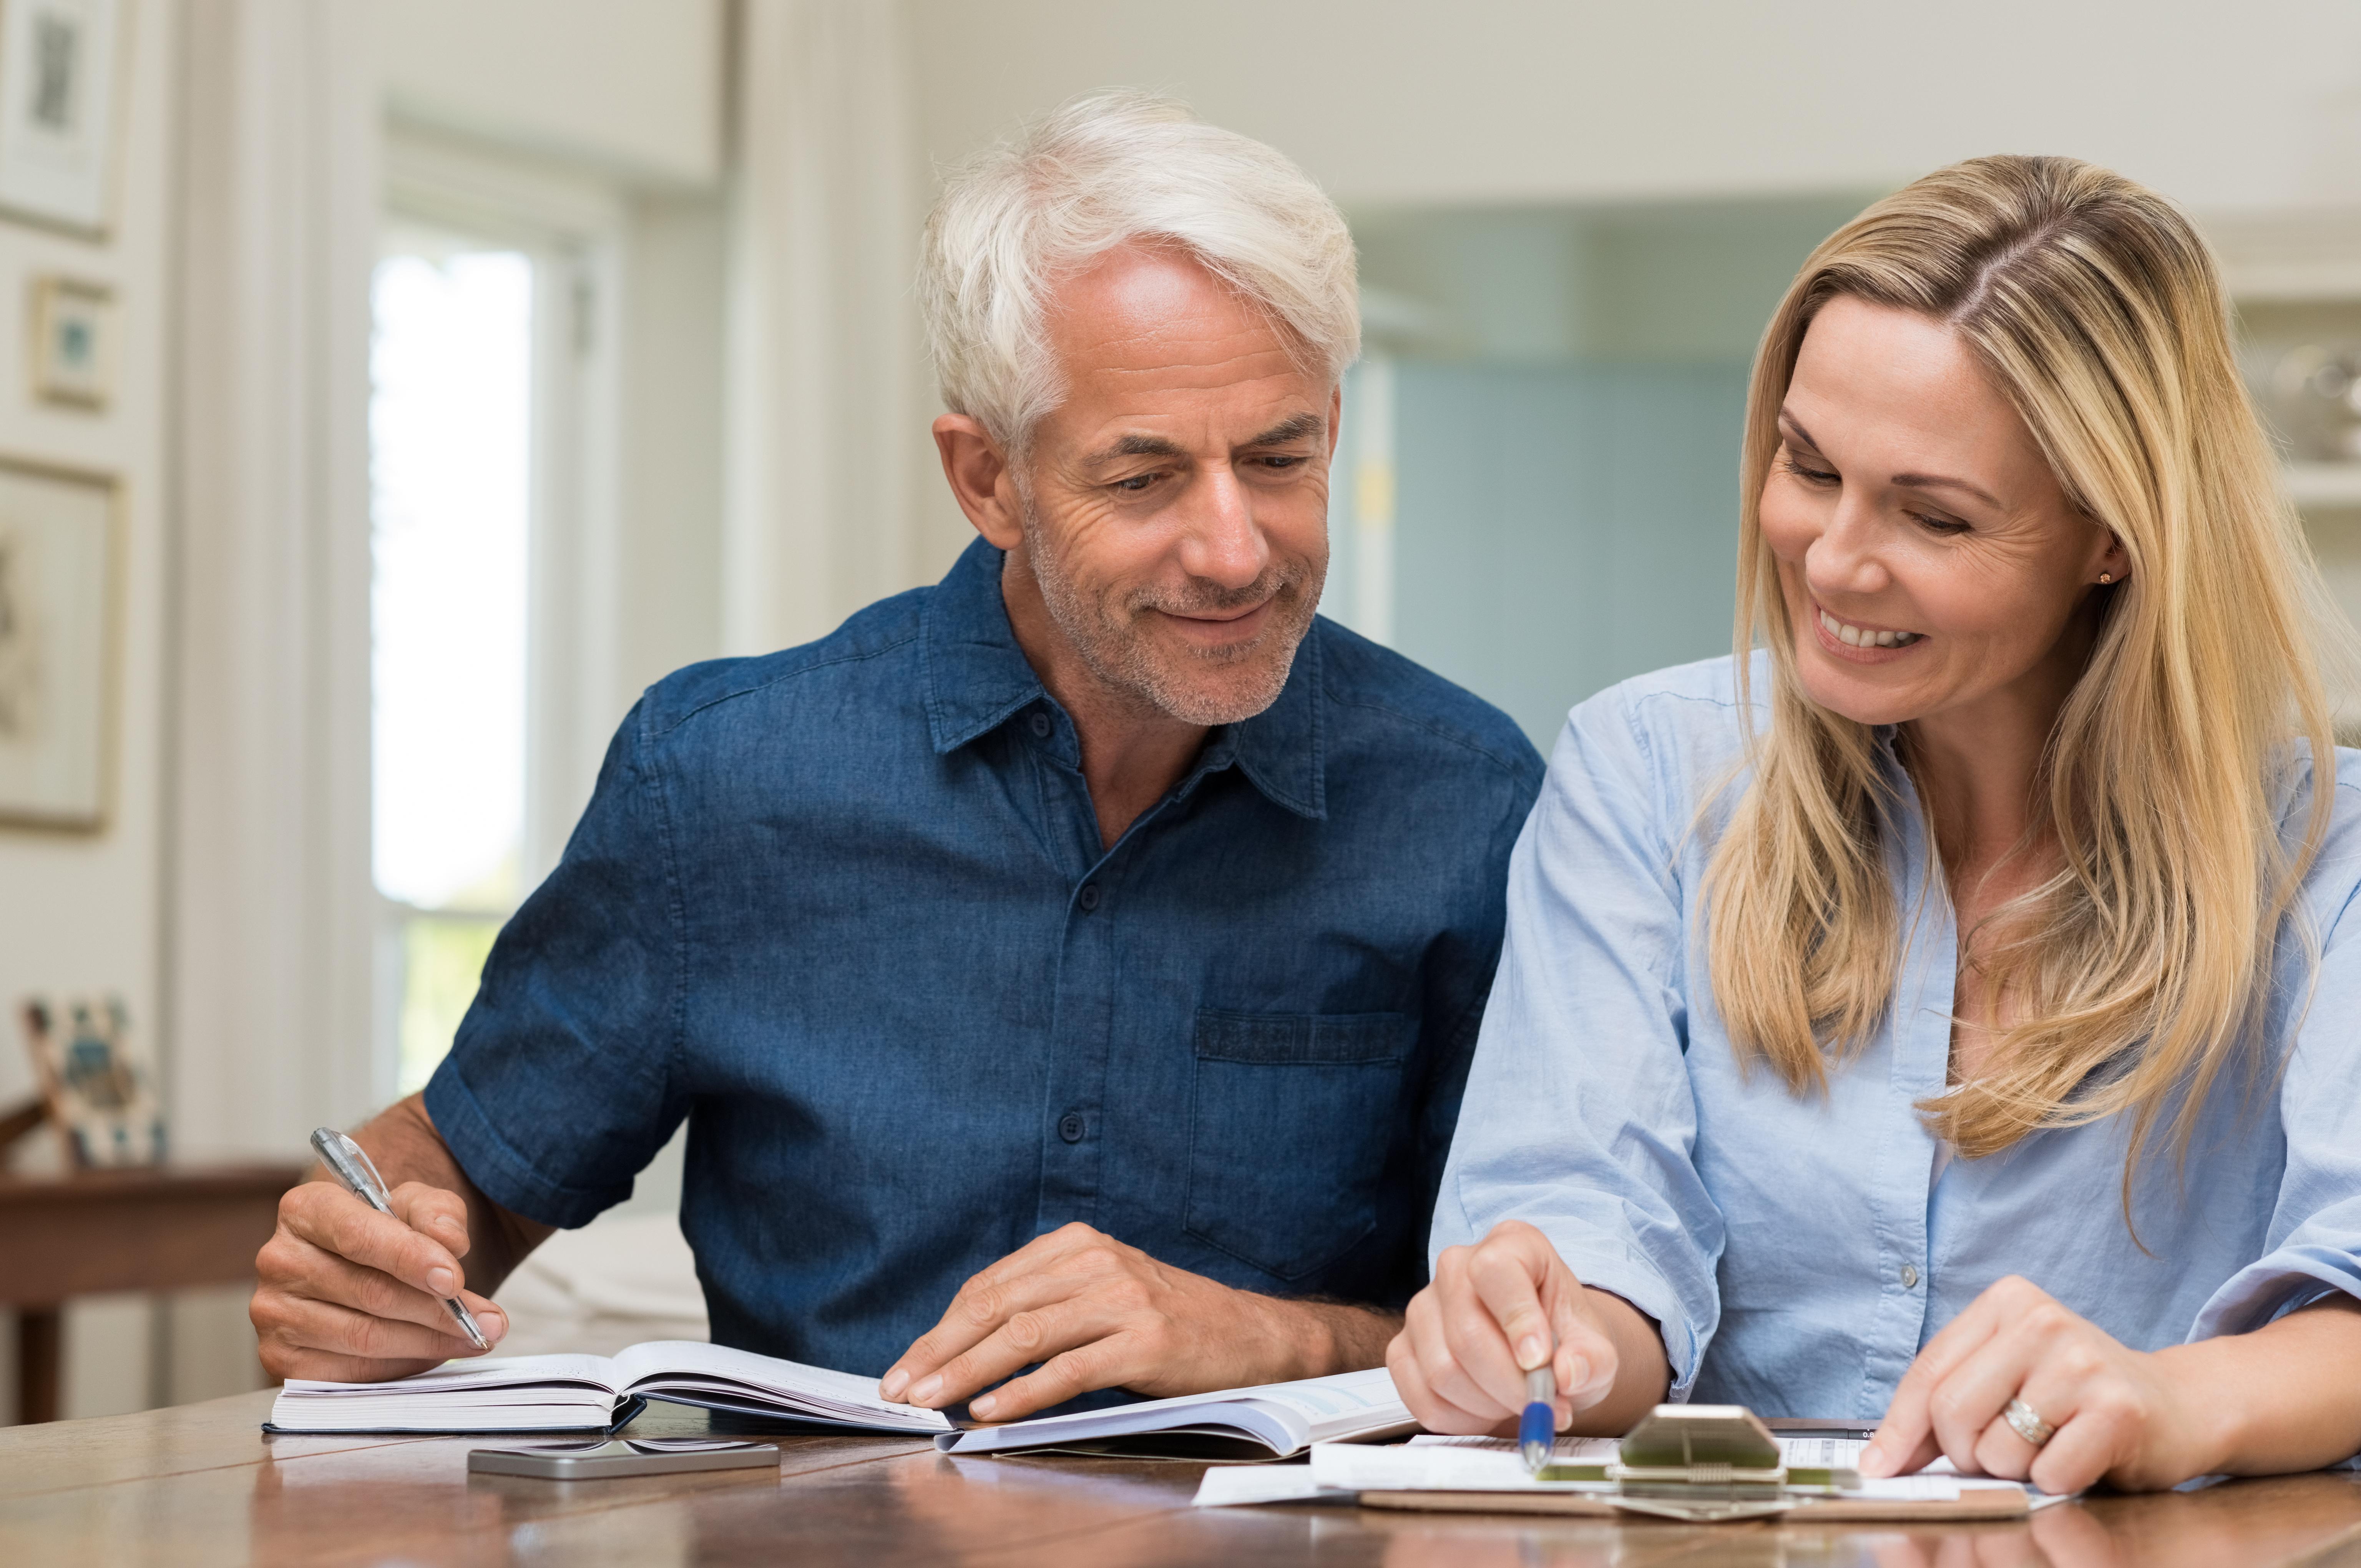 7 Retirement Planning Tips For Entrepreneurs